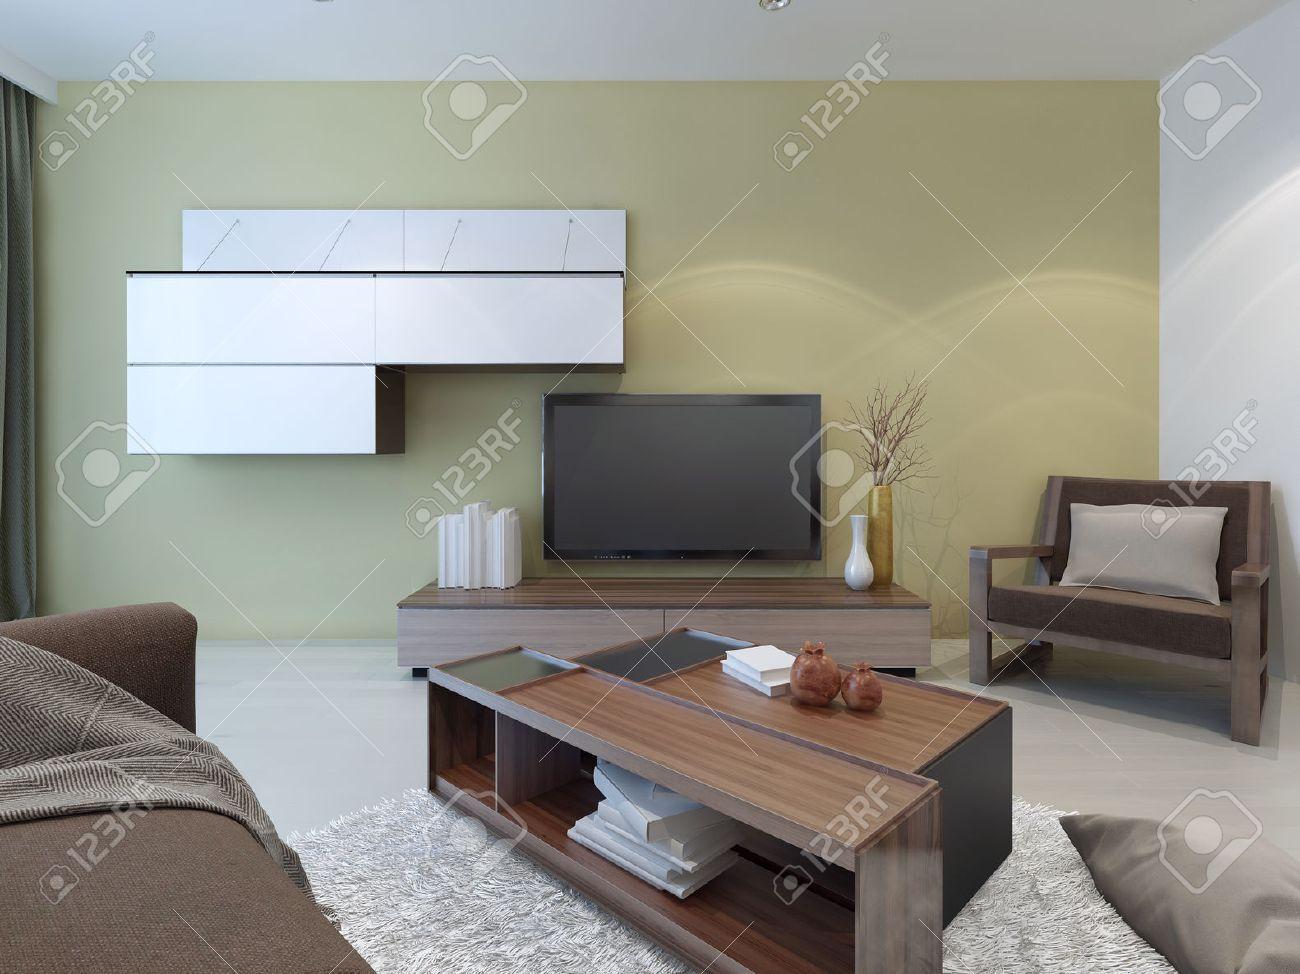 foto de archivo diseo de la sala de estar espaciosa paredes y suelos ligeros muebles oscuros las piezas pequeas que muchos no dan importancia